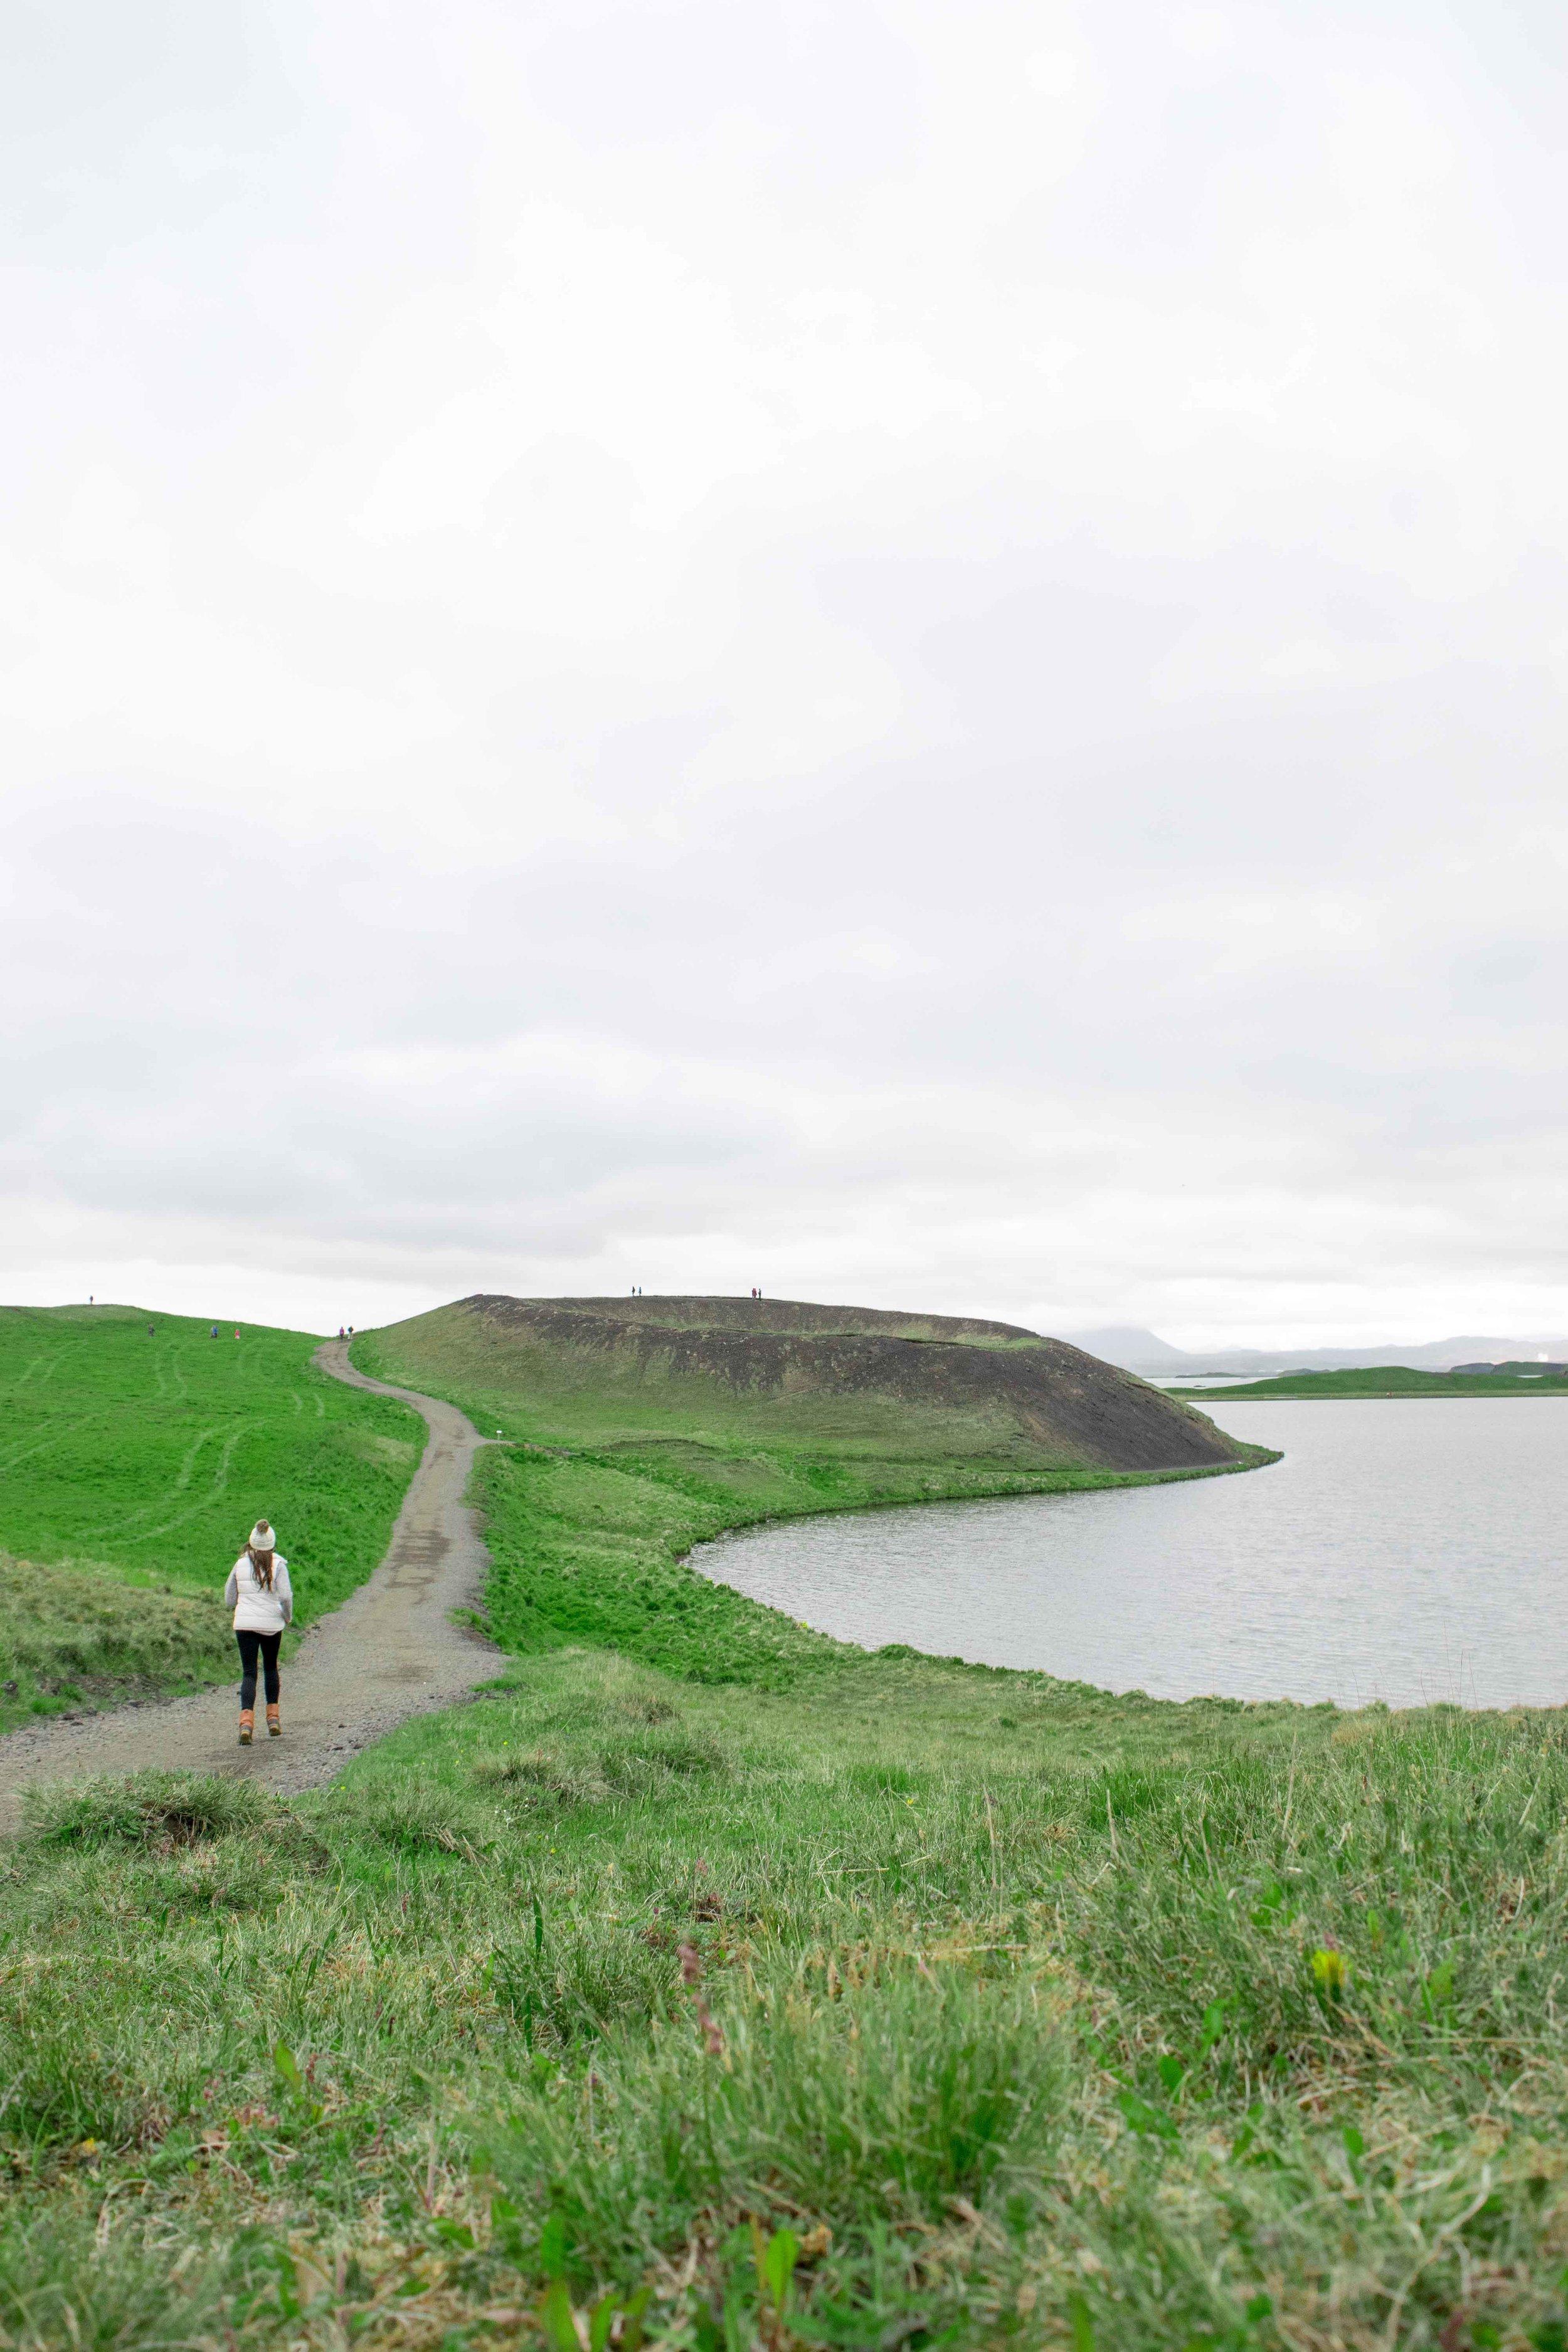 Skútustaðagígar craters